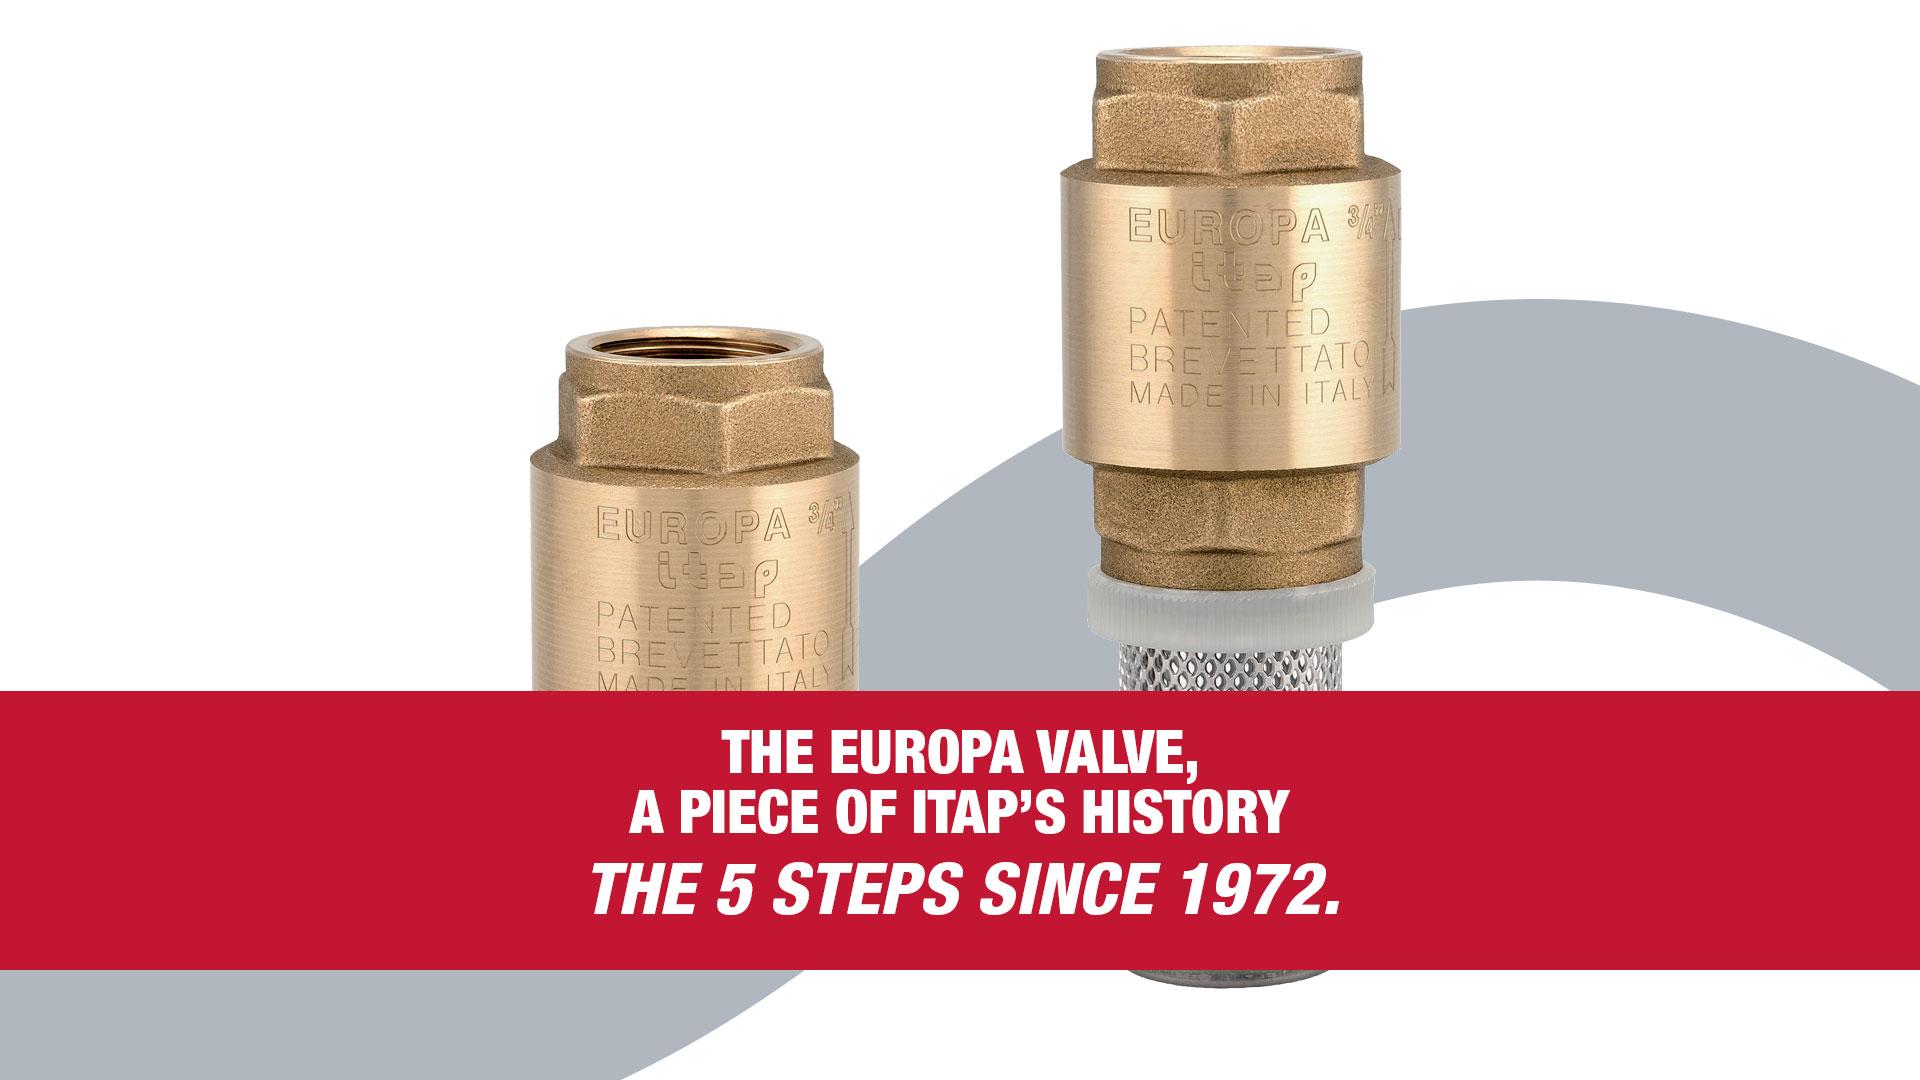 Europa history